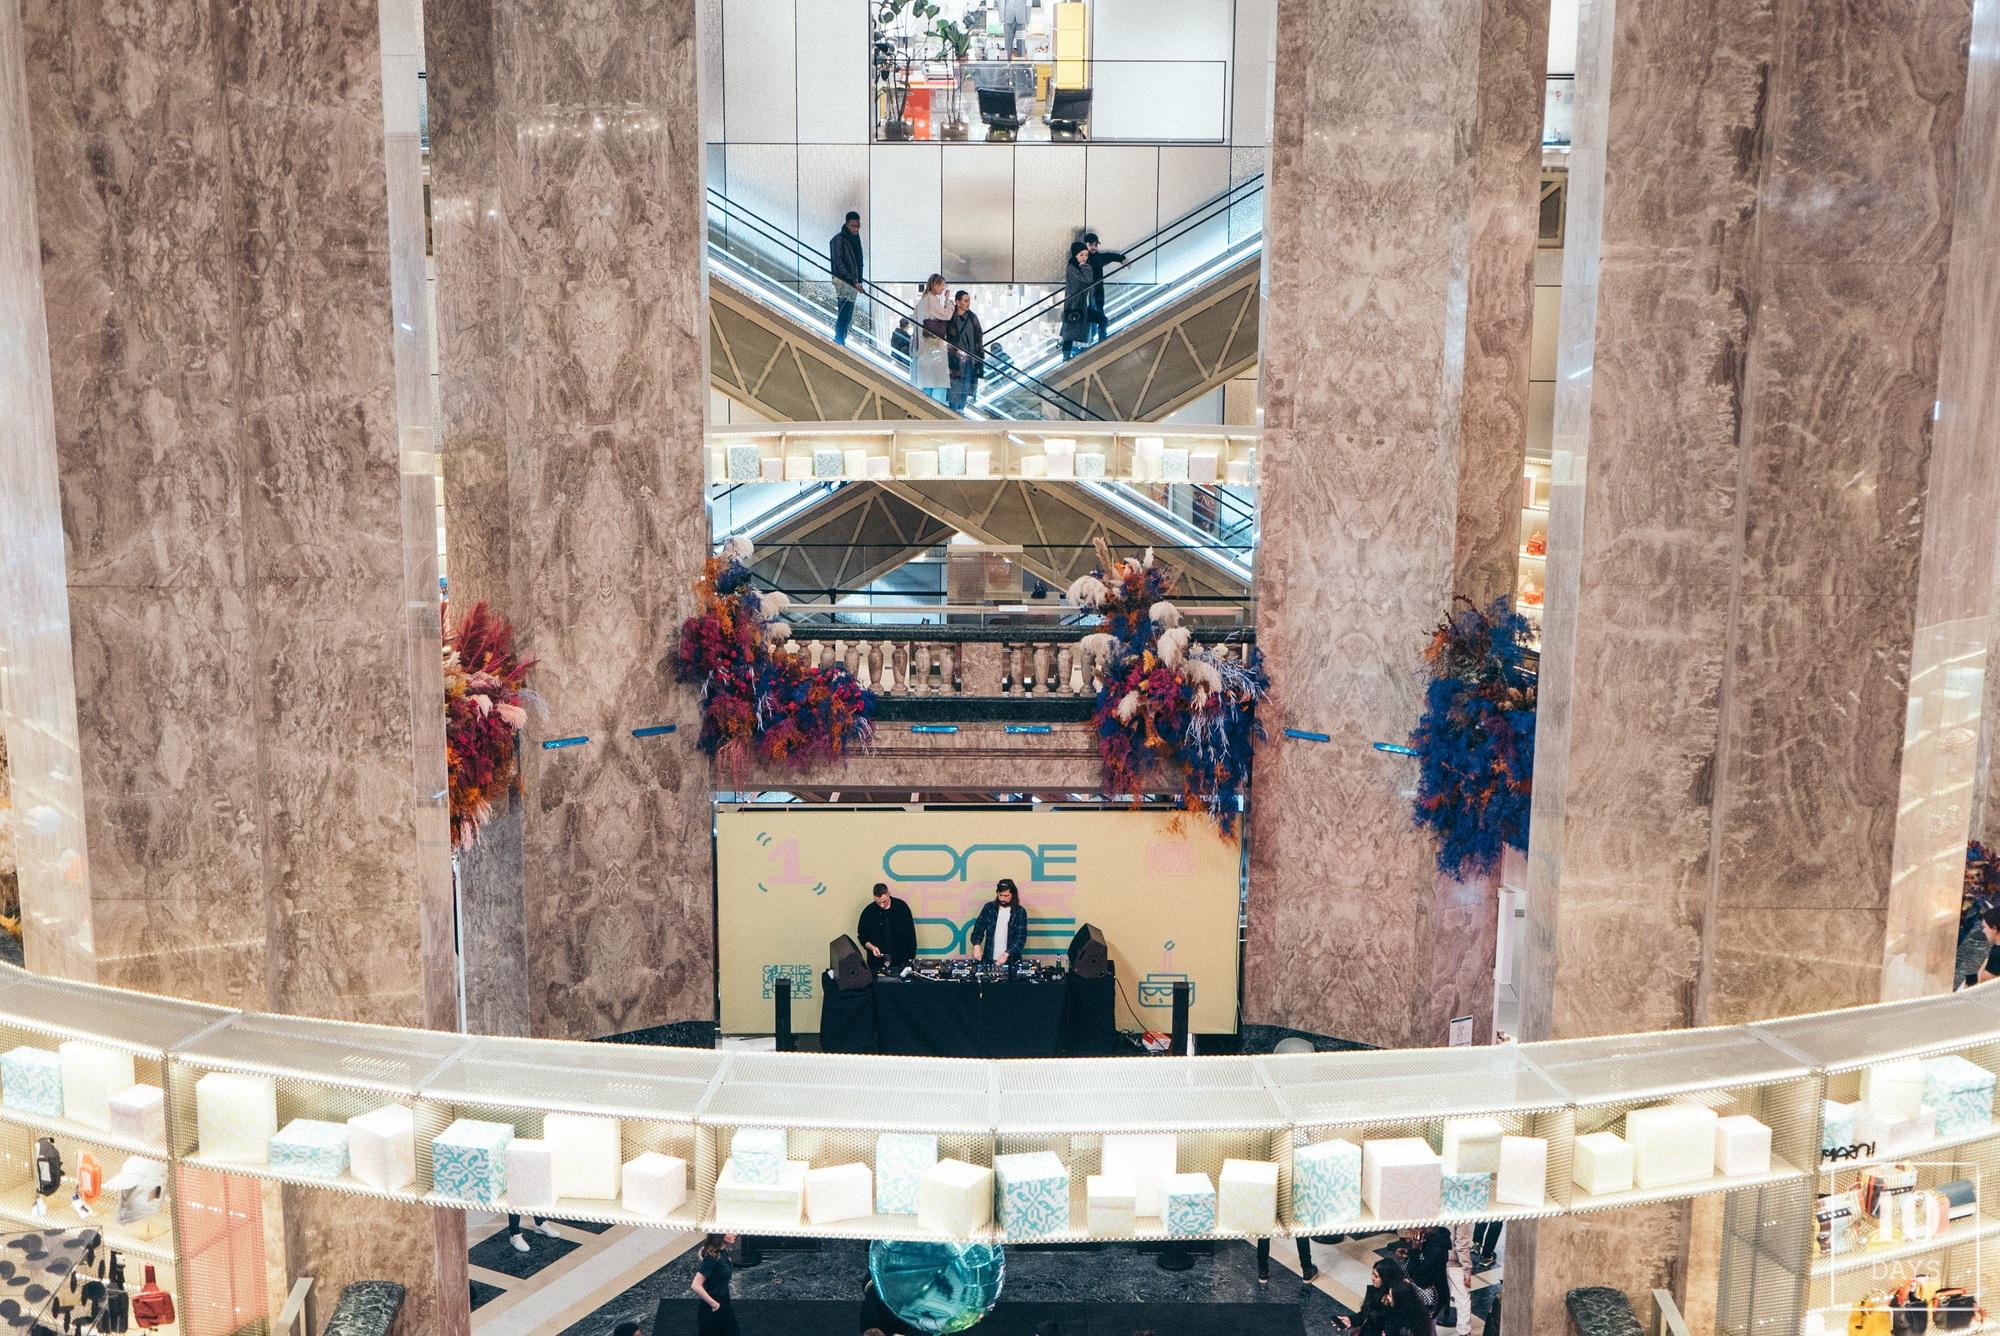 les Galeries Lafayette Champs-Élysées 1st Birthday Party